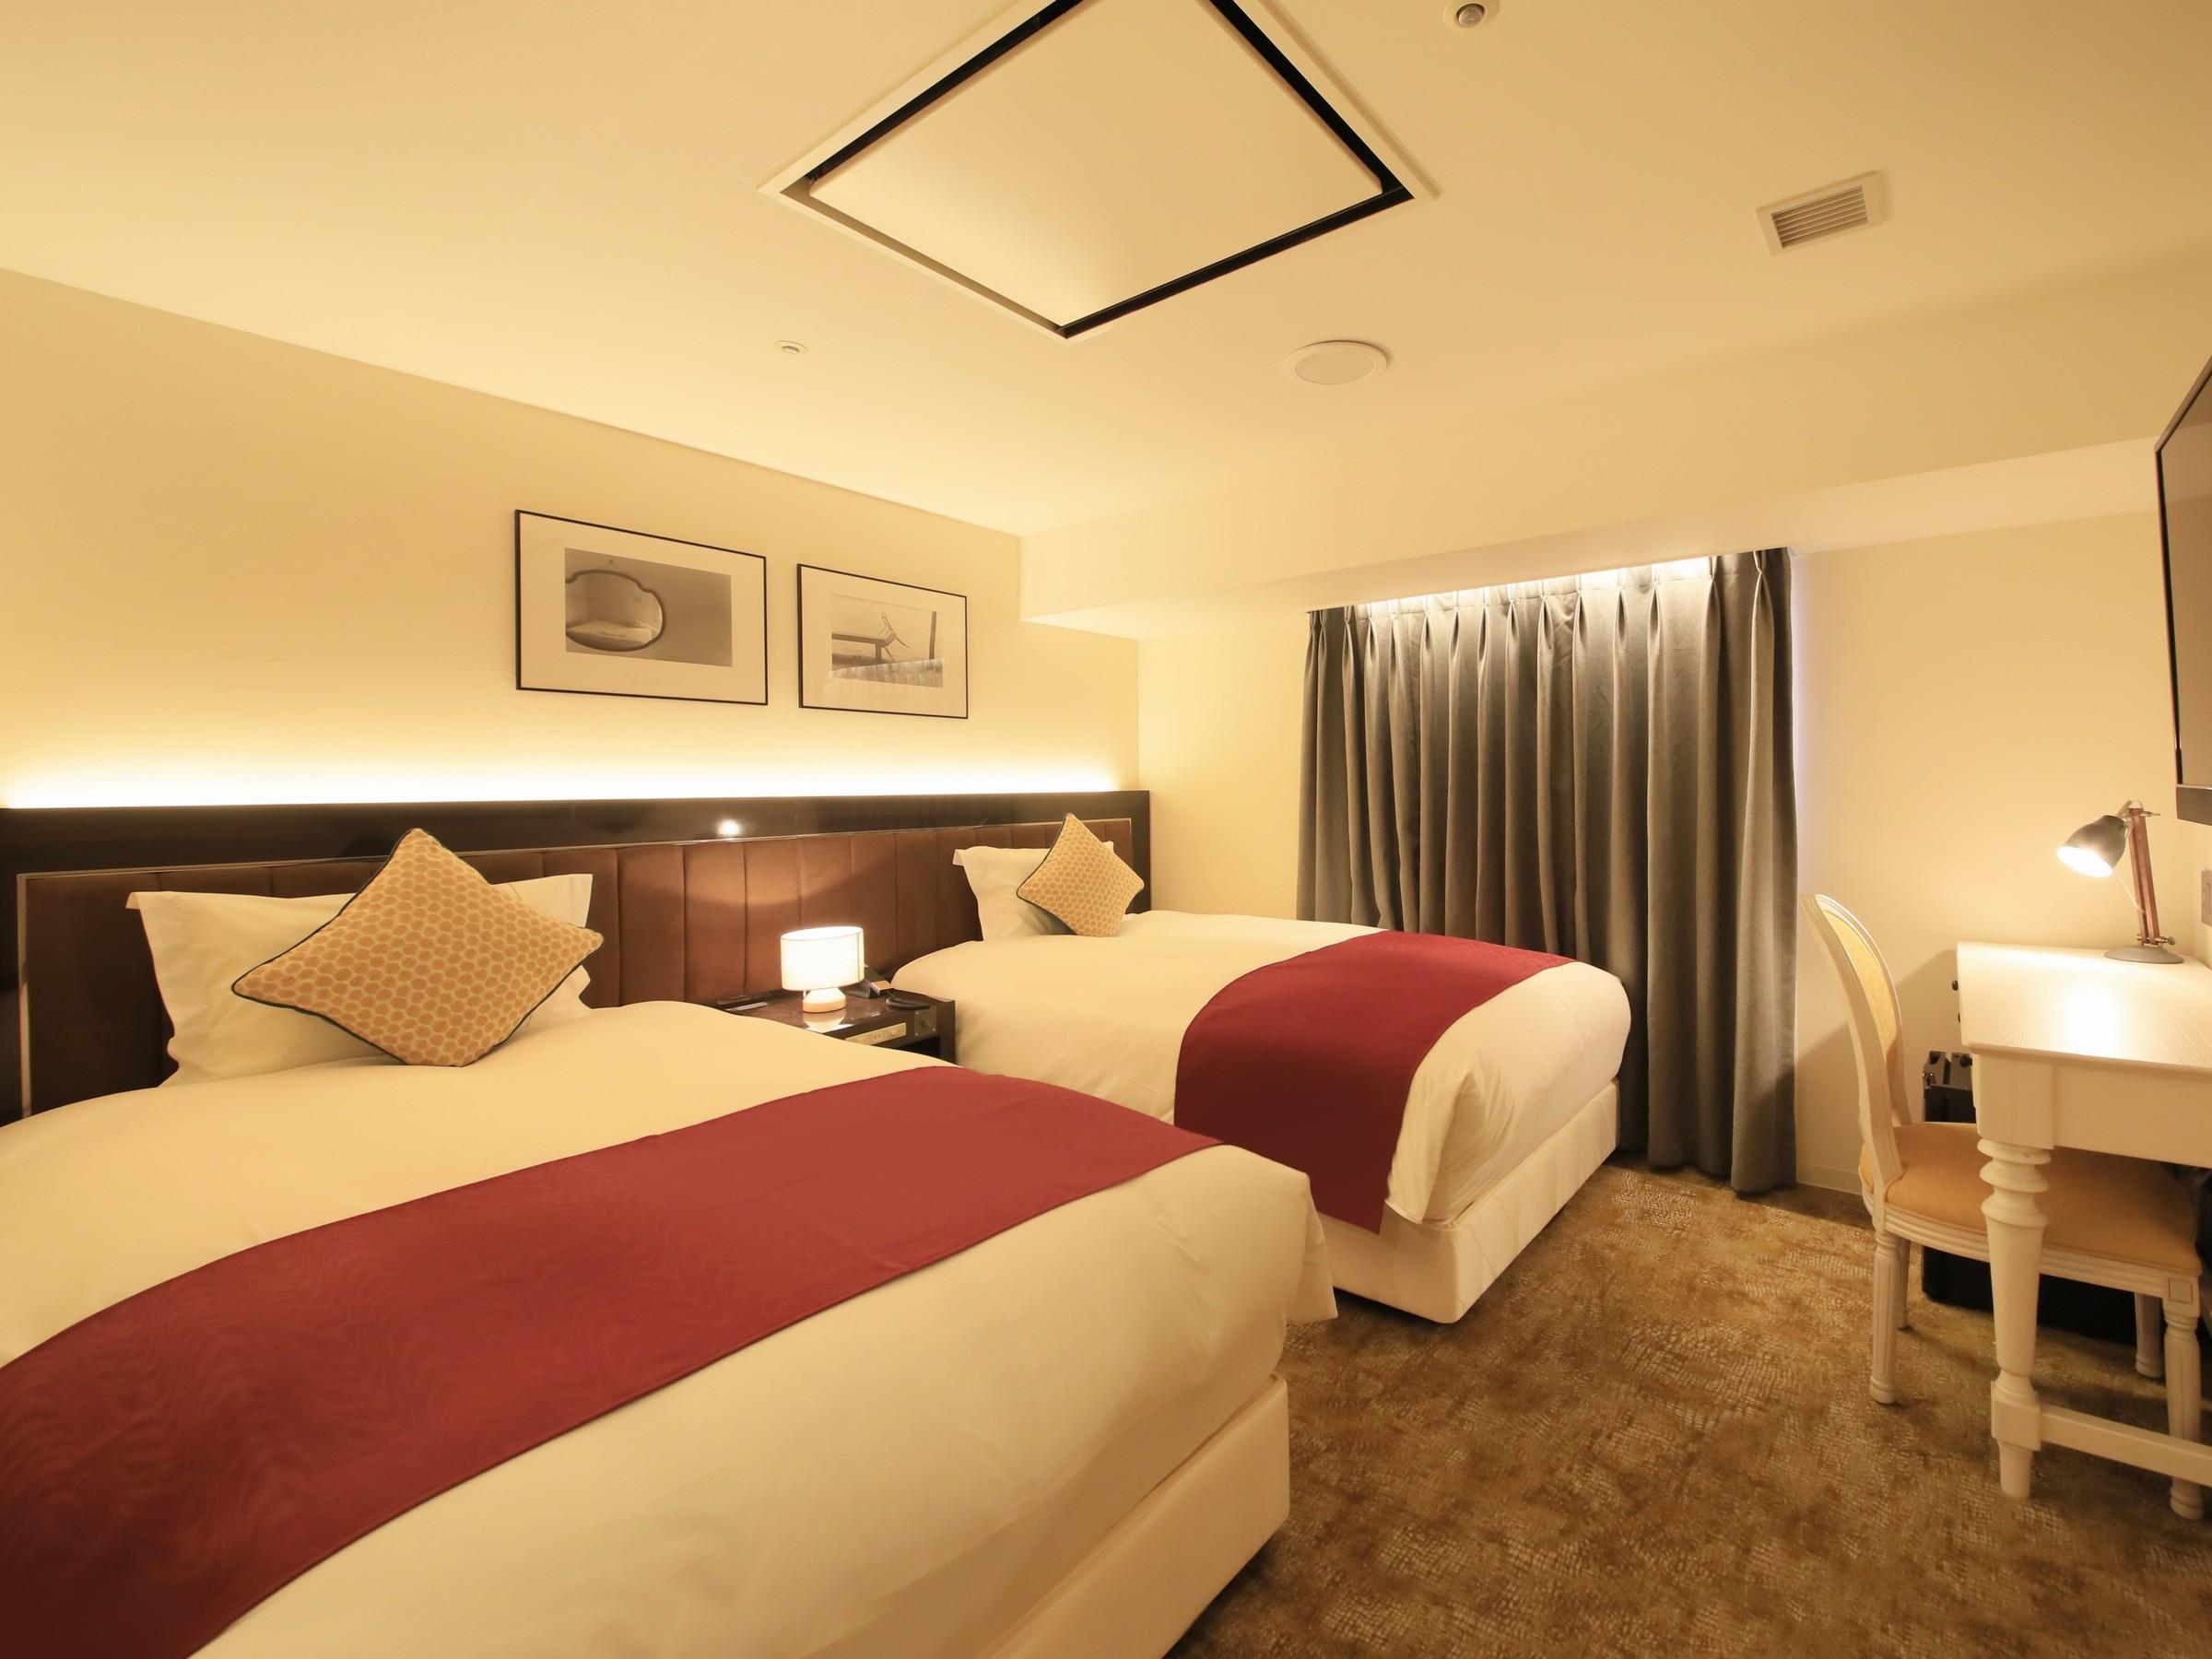 センチュリオンホテル札幌 / ◆全室禁煙◆スタンダードツイン 《1-2名様》